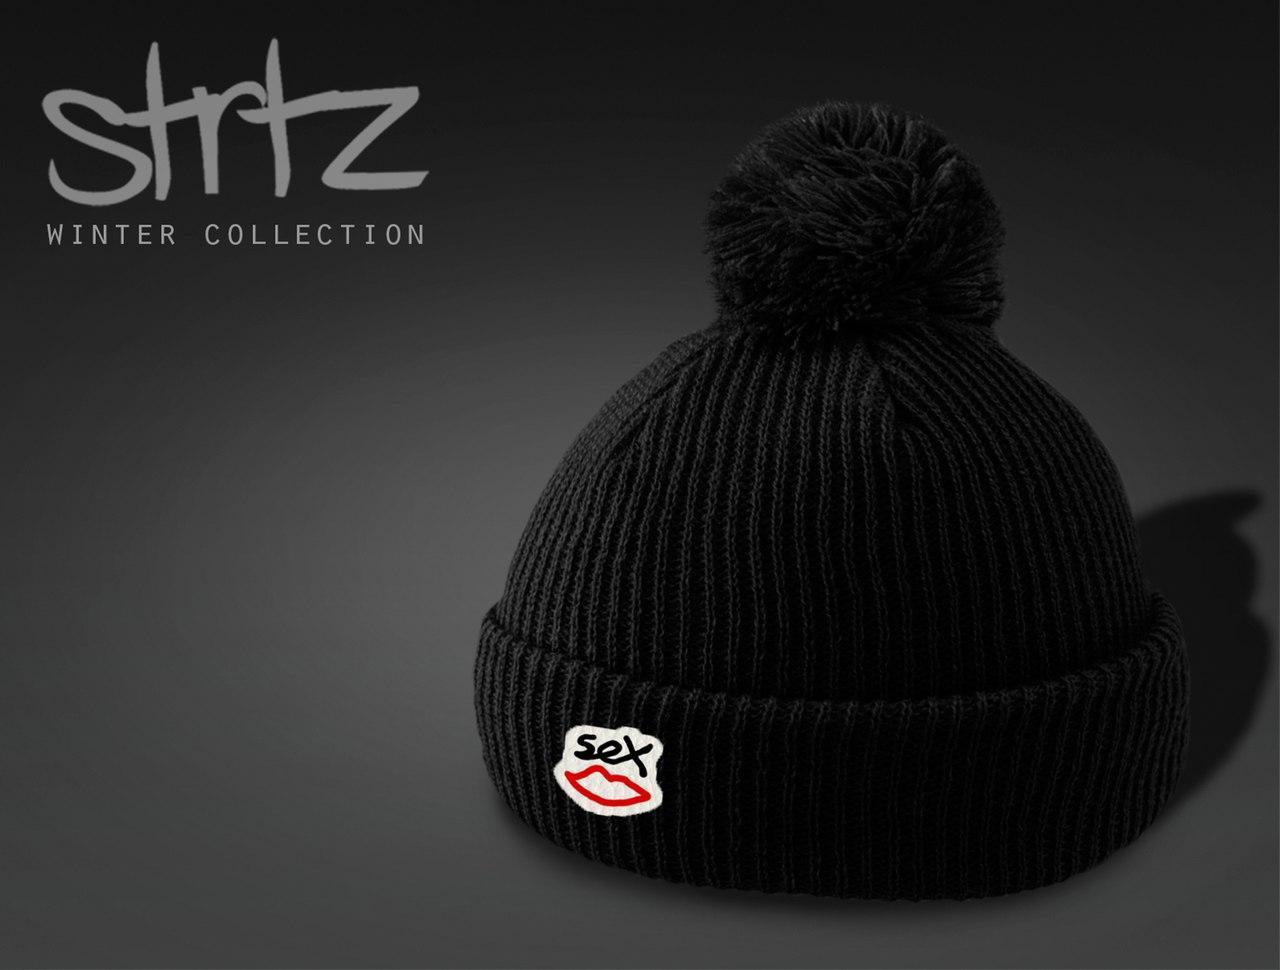 Теплая зимняя шапка с помпоном/бубоном Sex Skateboarding